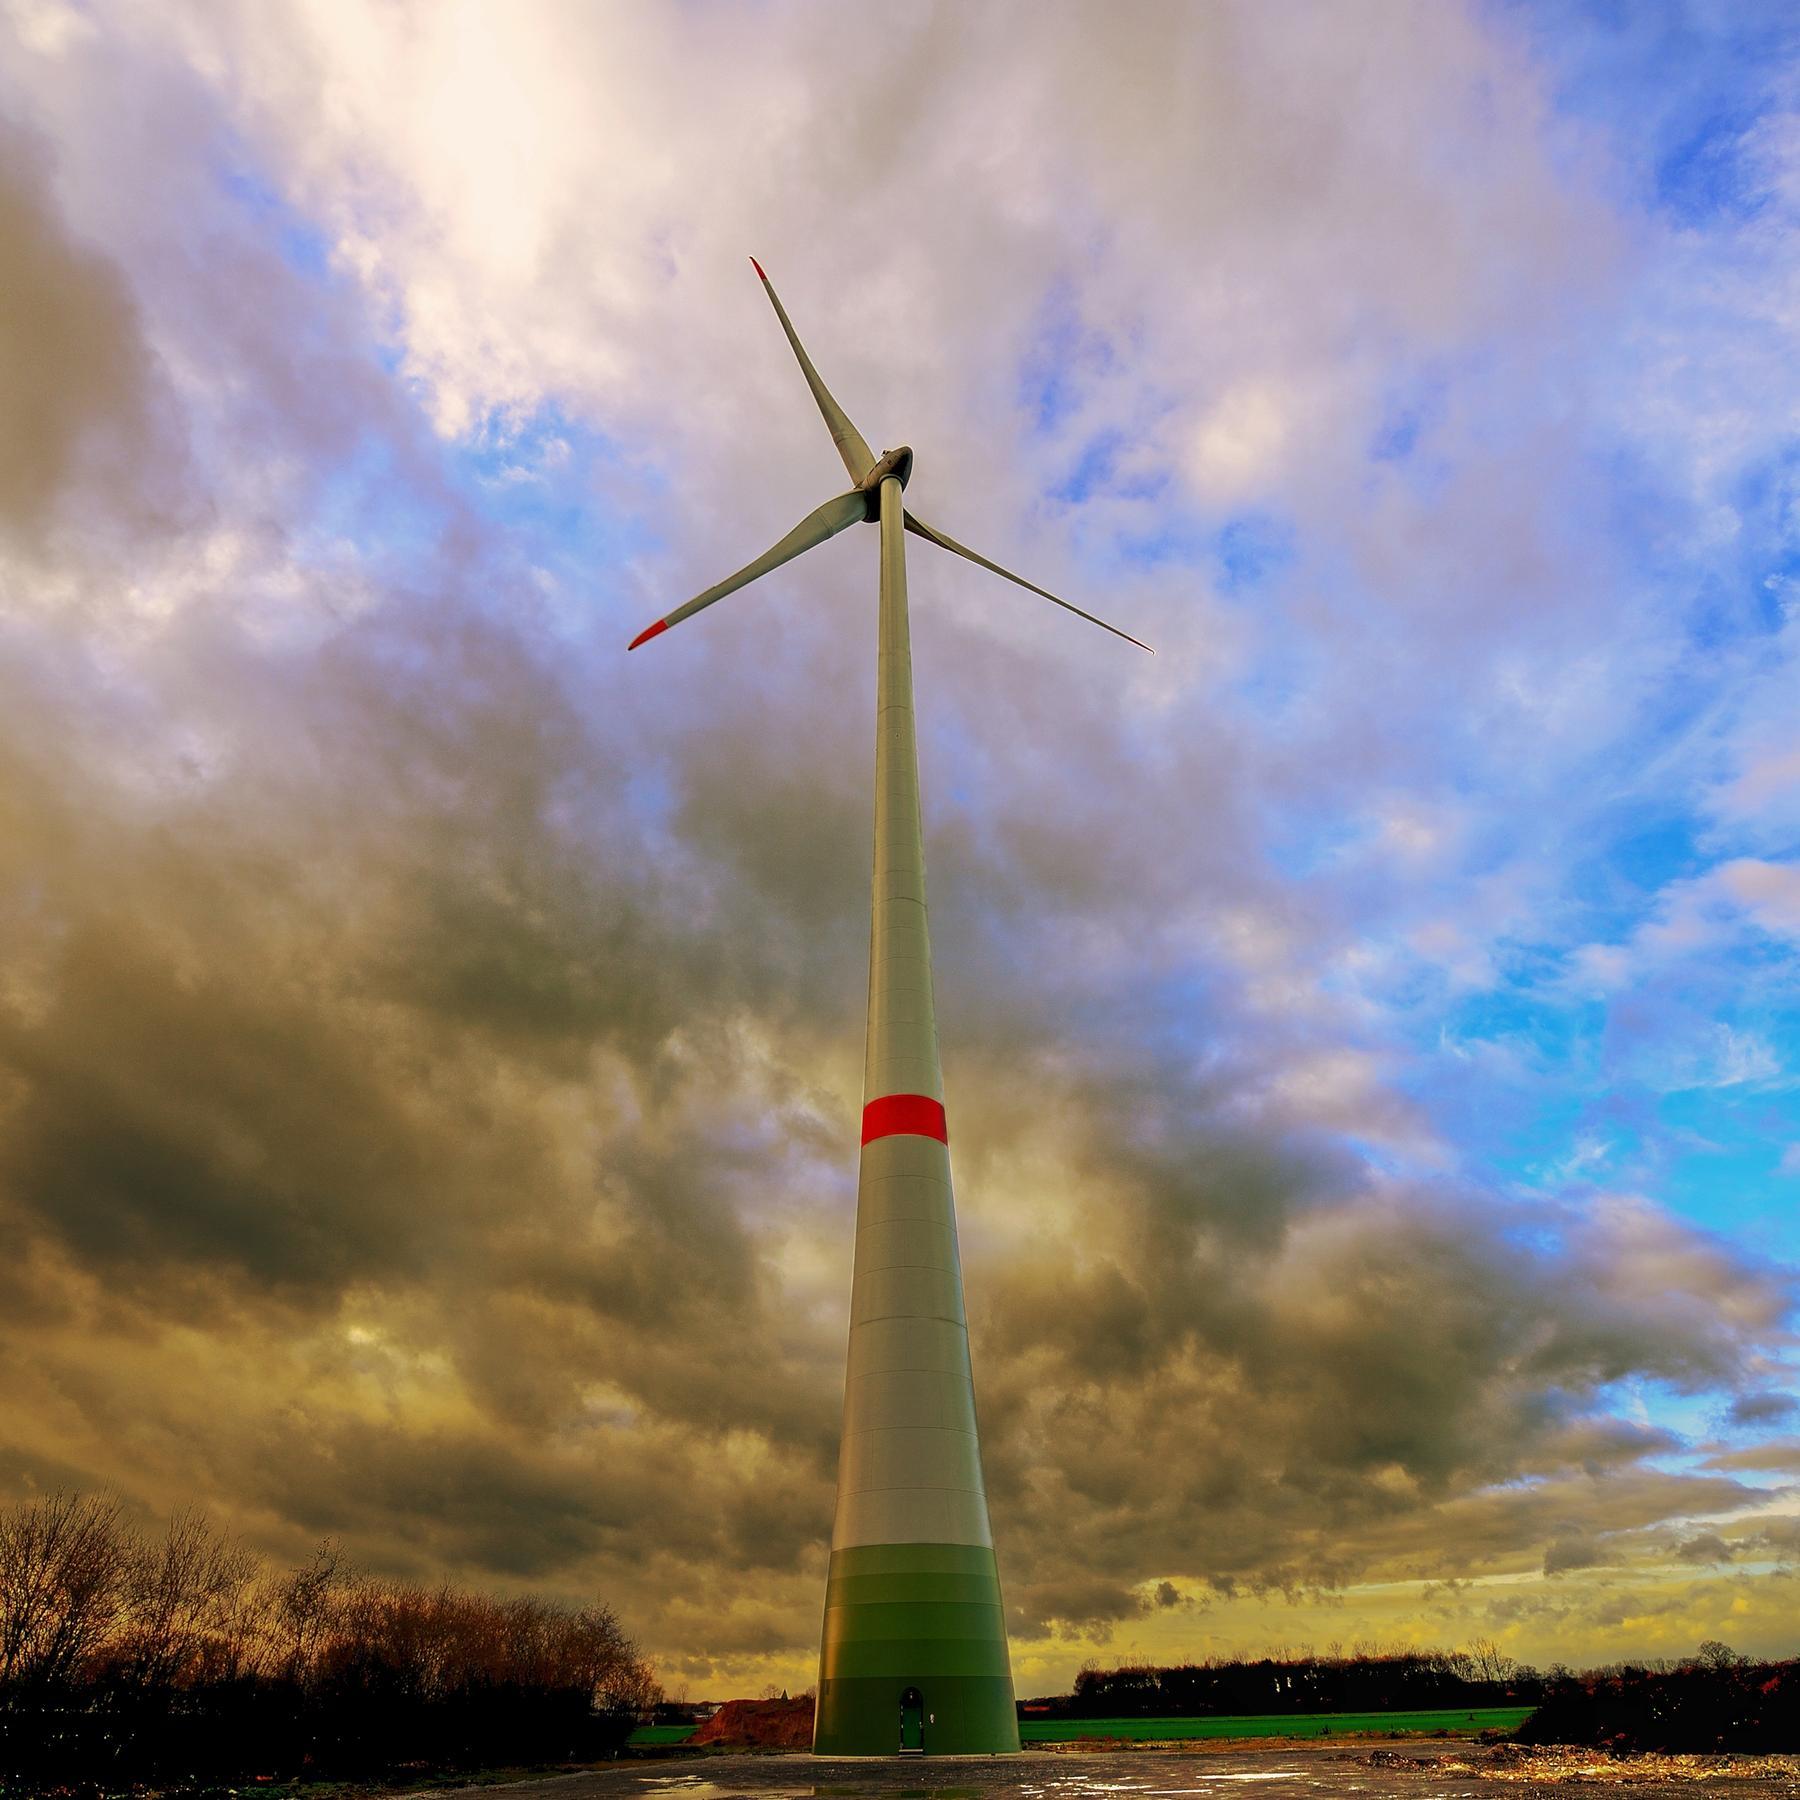 Windkraft - Windenergie im Gegenwind